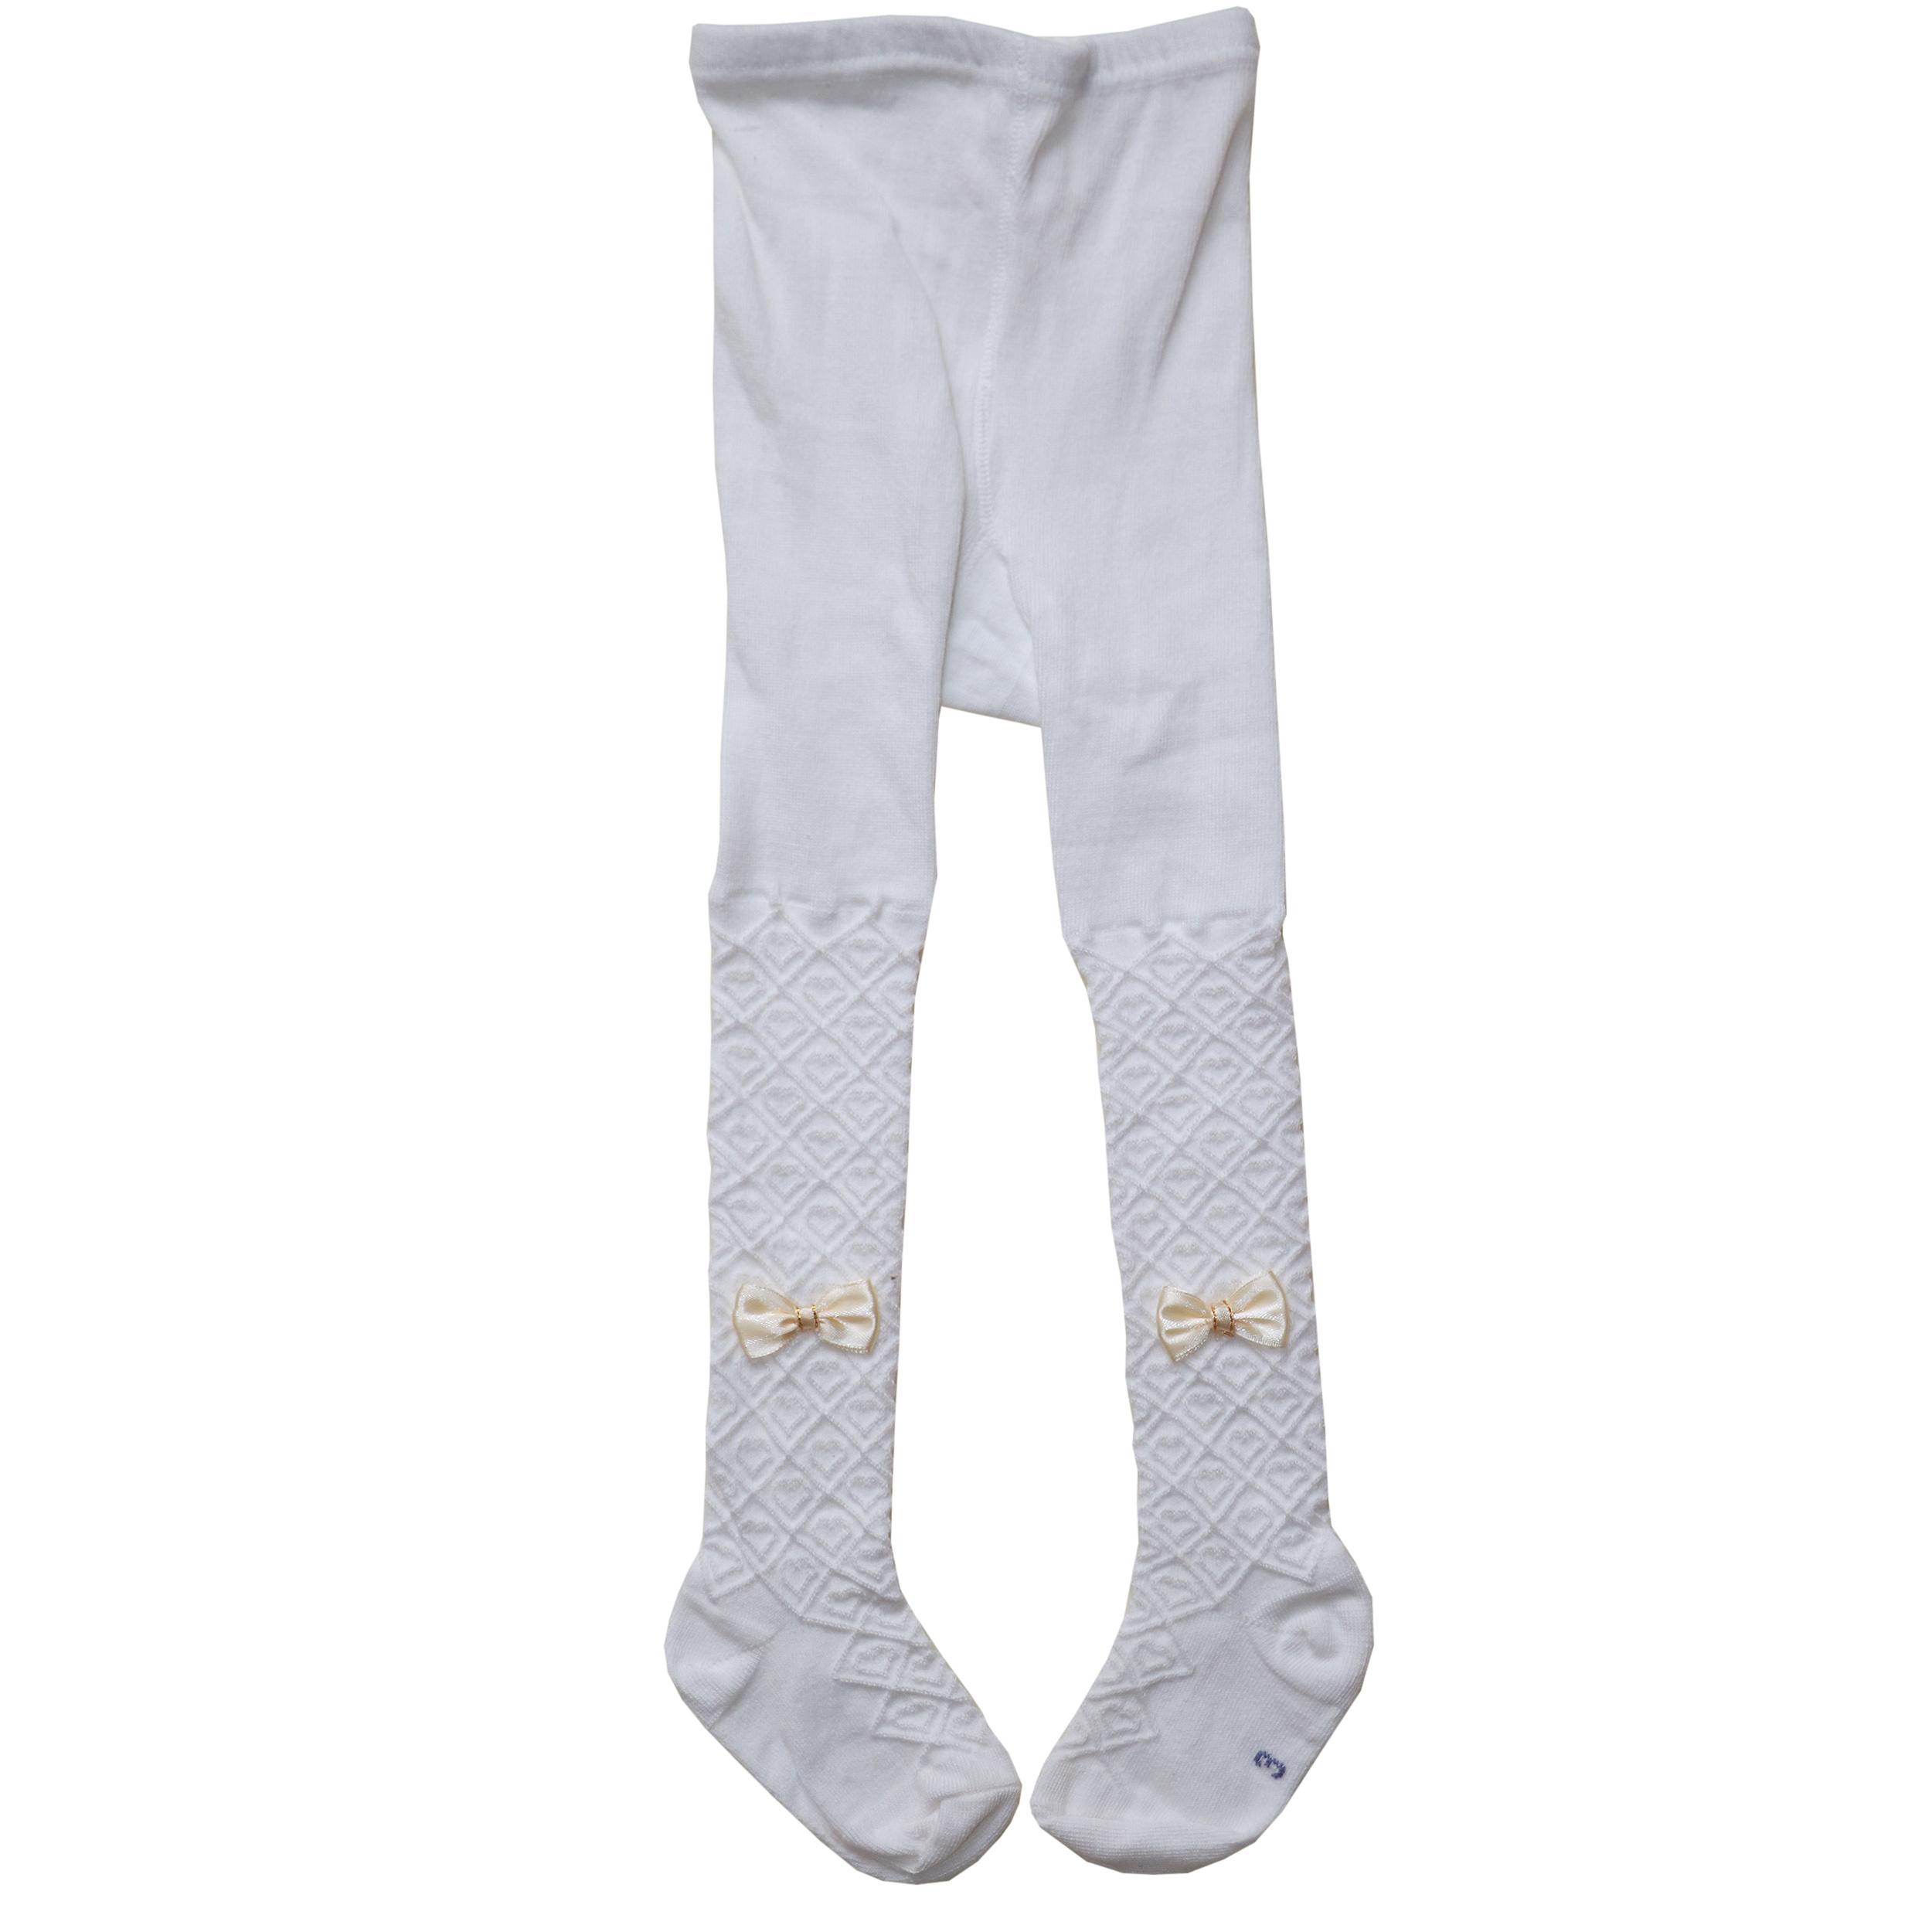 جوراب شلواری دخترانه کد 1022